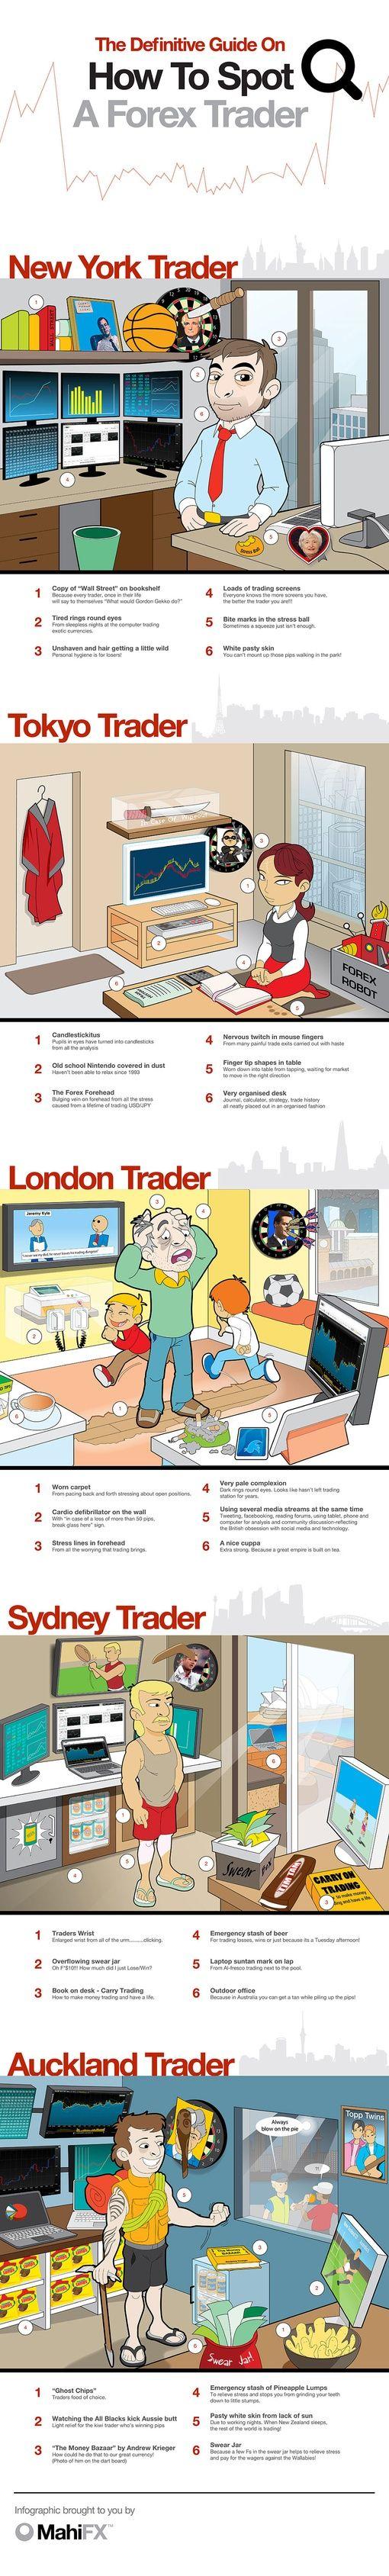 Fx spot trader jobs london